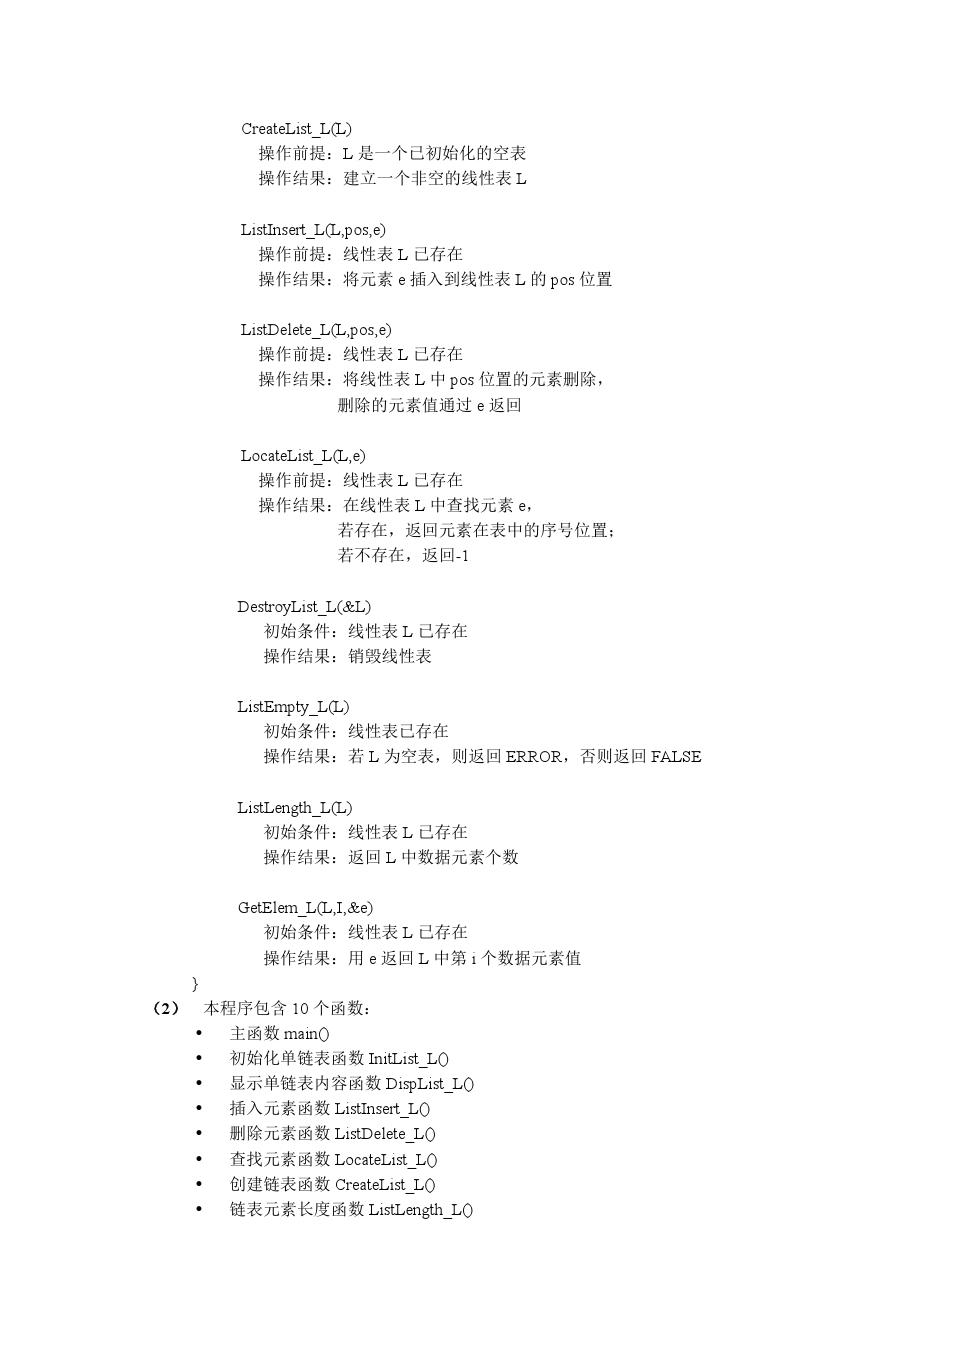 数据结构上机报告:编写一个程序,实现单链表的各种基本运算